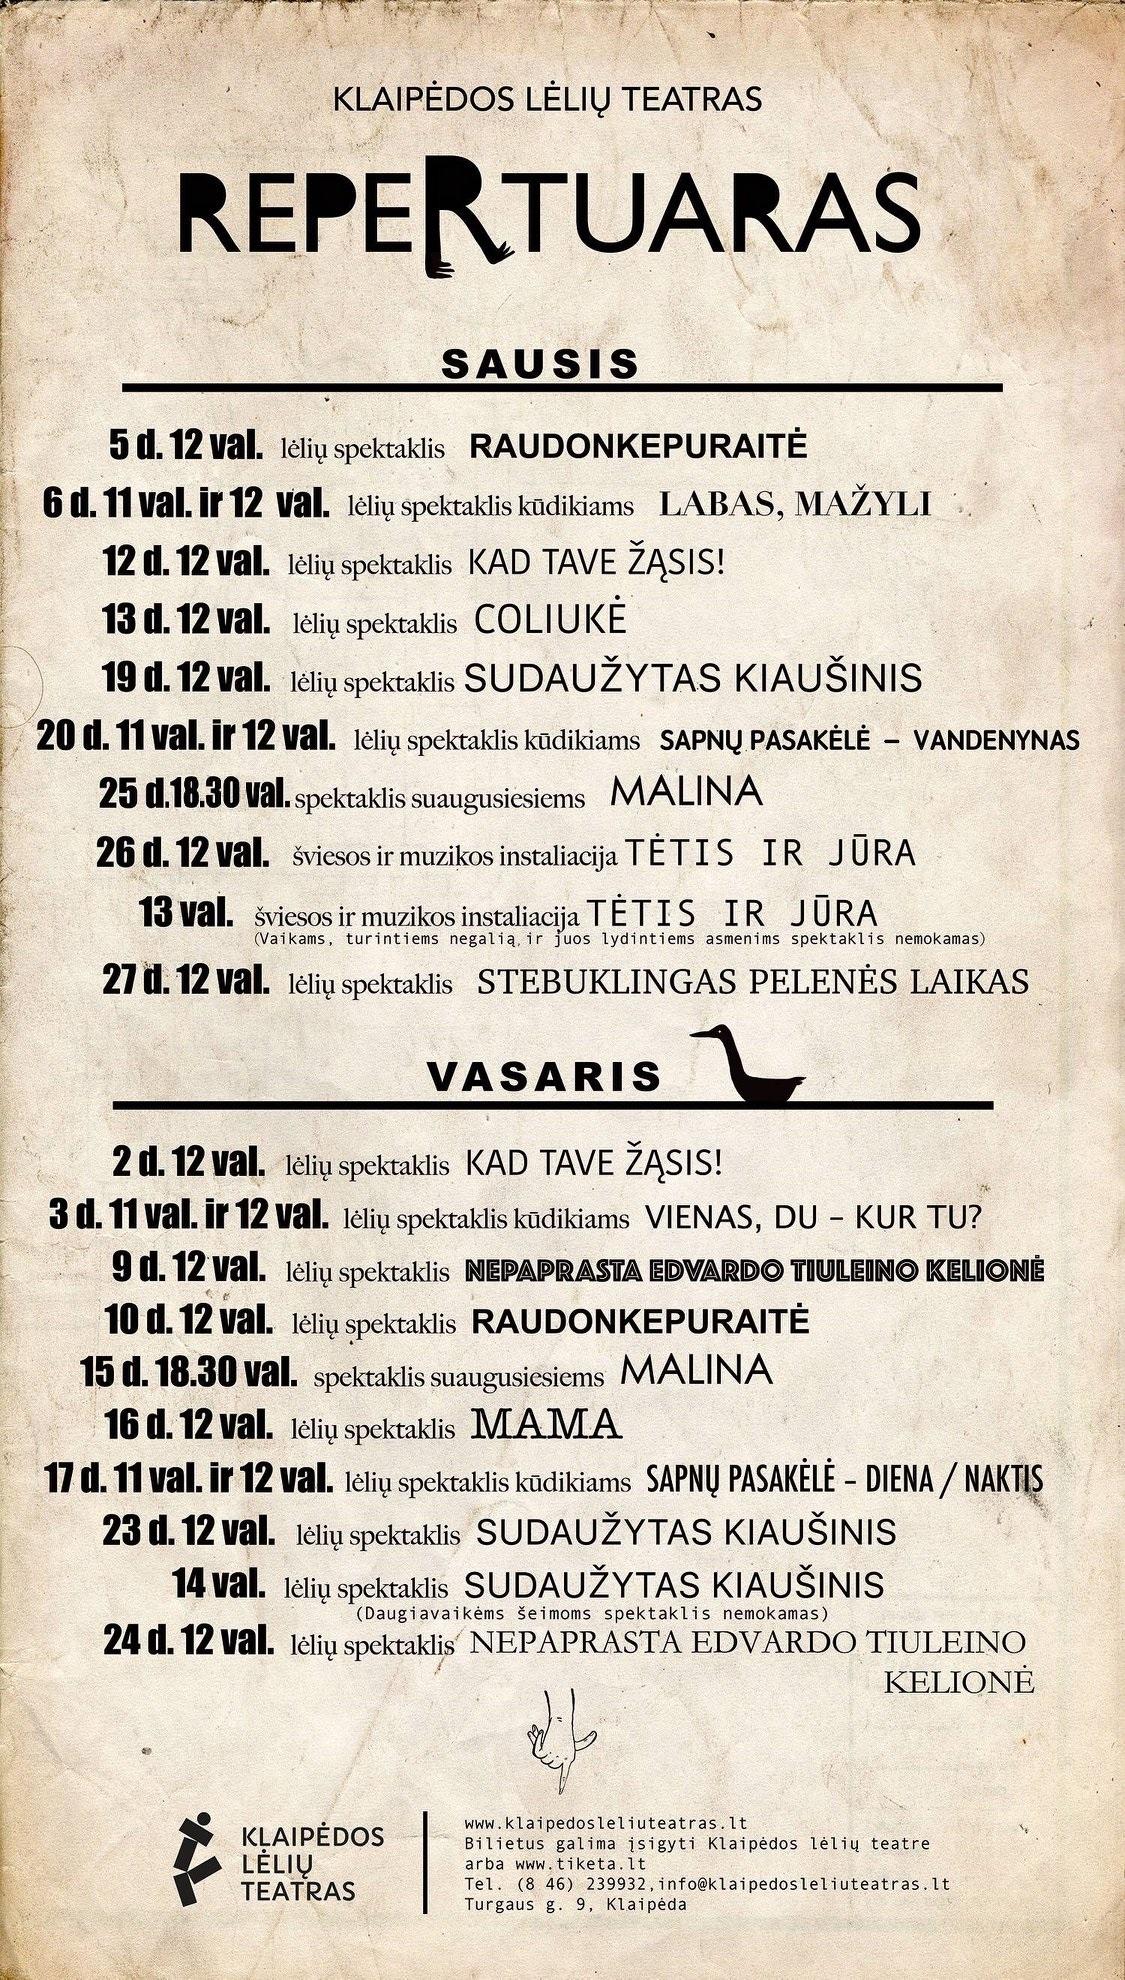 Klaipėdos lėlių teatro repertuaras, sausis-vasaris   Klaipėdos lėlių teatro nuotr.